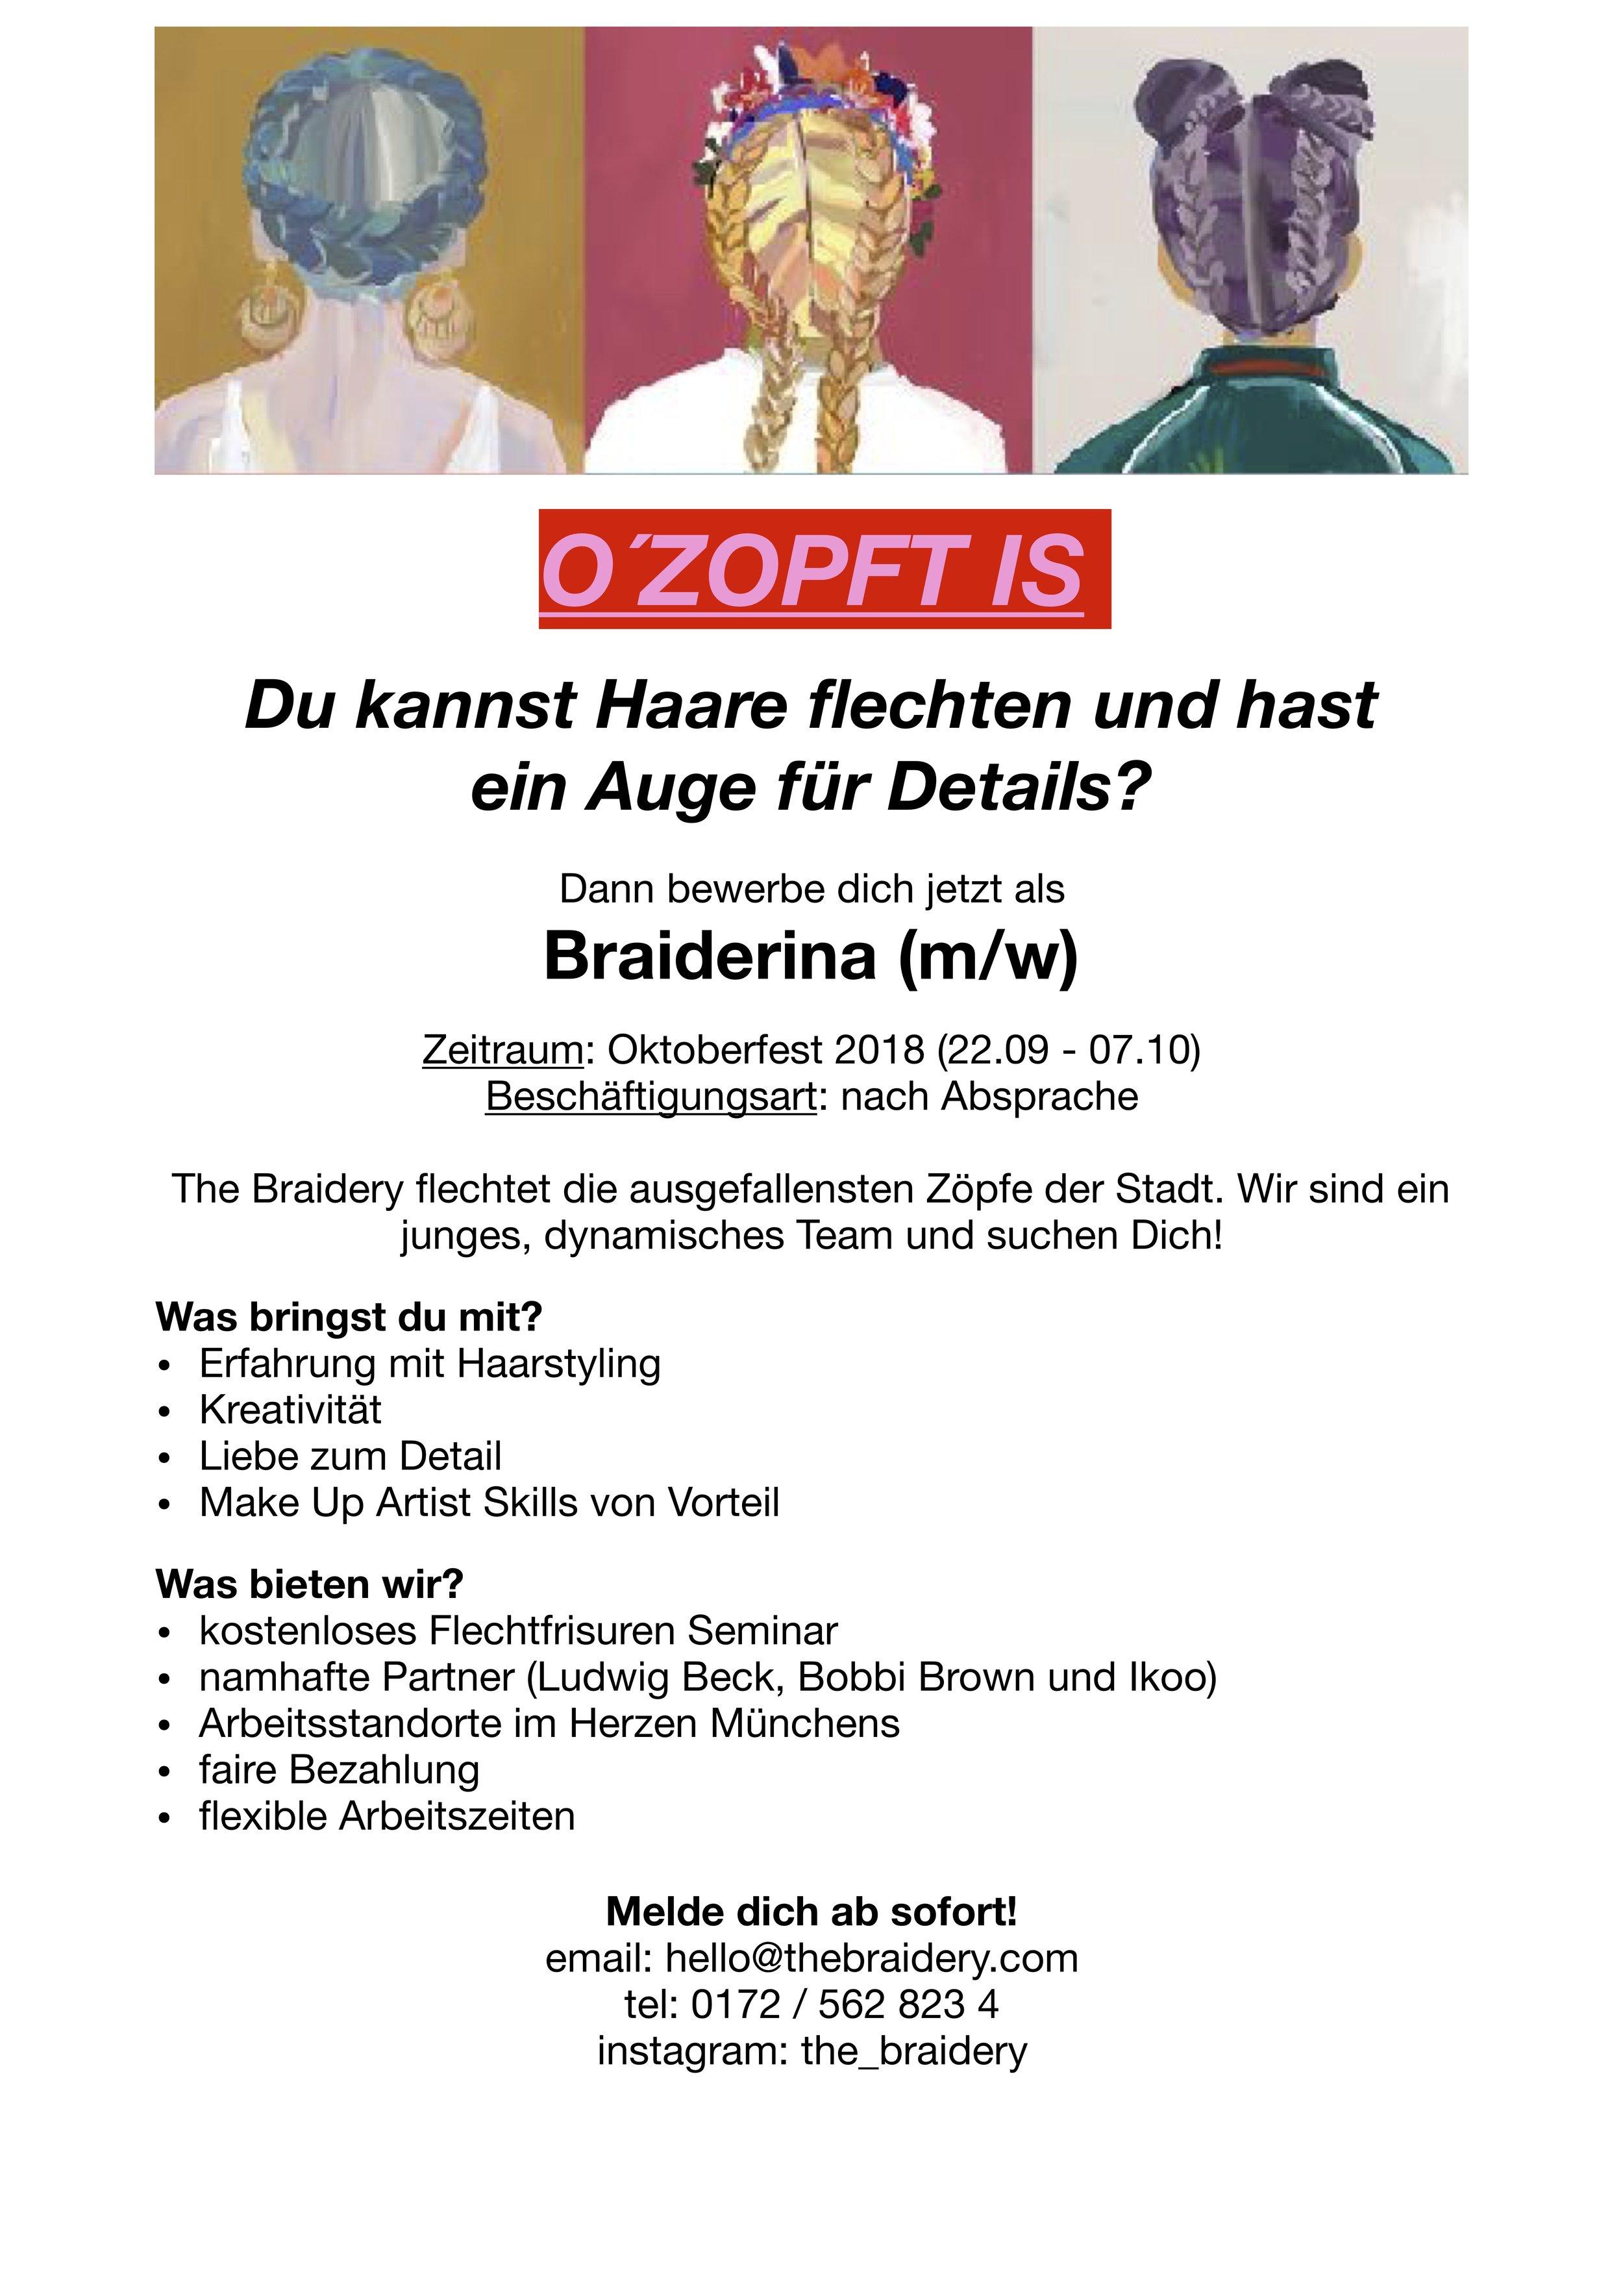 2018Braidery_Stellenanzeige-Braiderina_v2.jpg